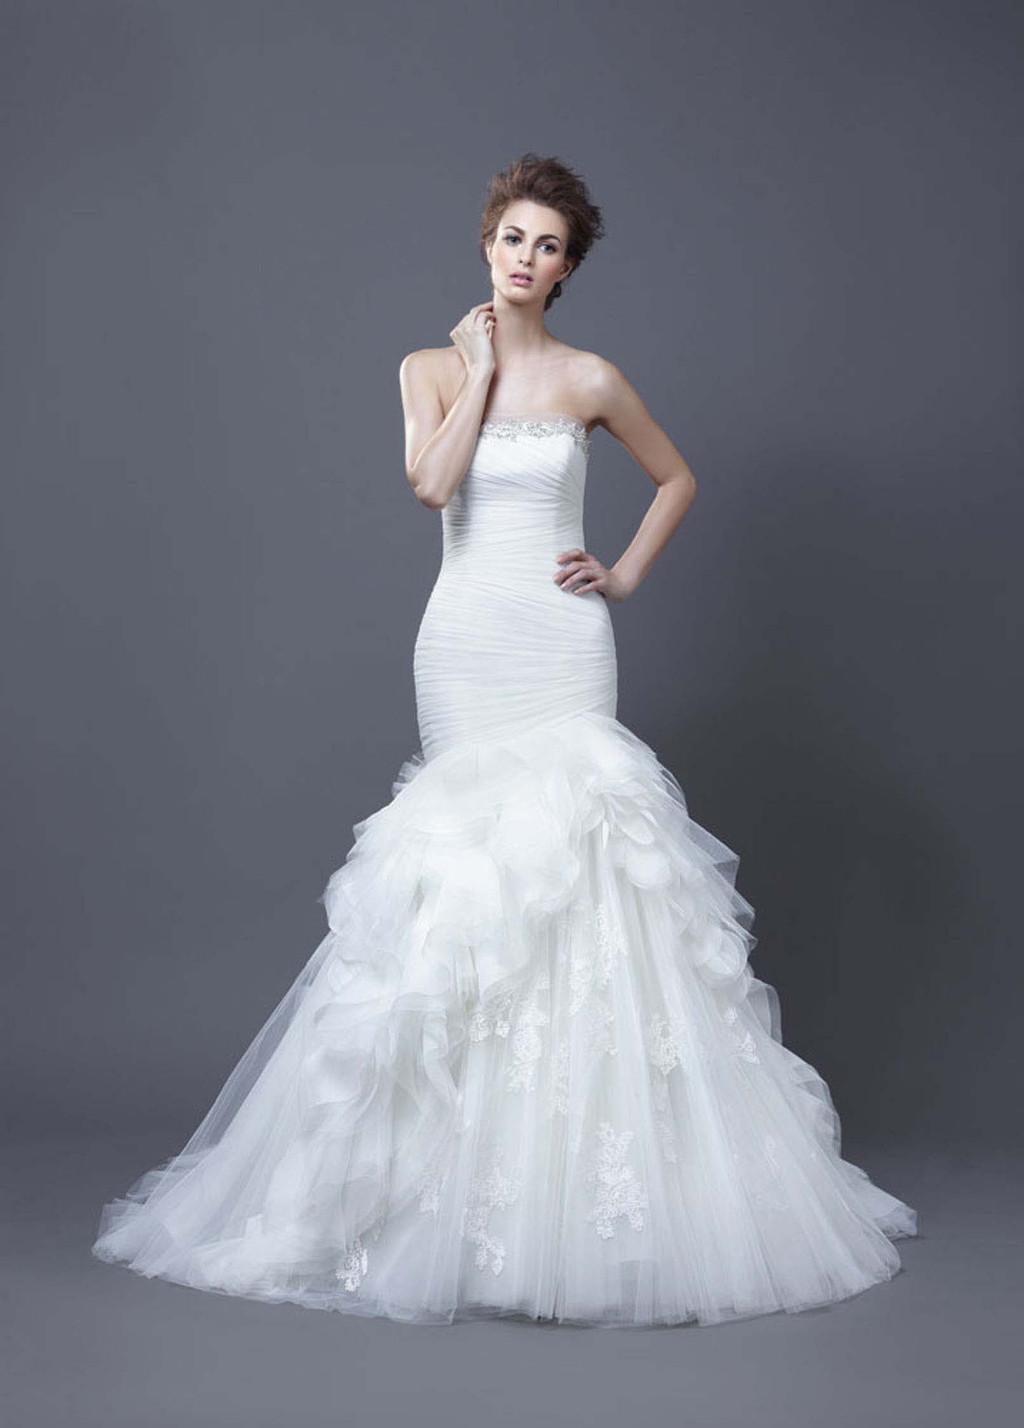 2013-wedding-dress-by-enzoani-bridal-haldana.full